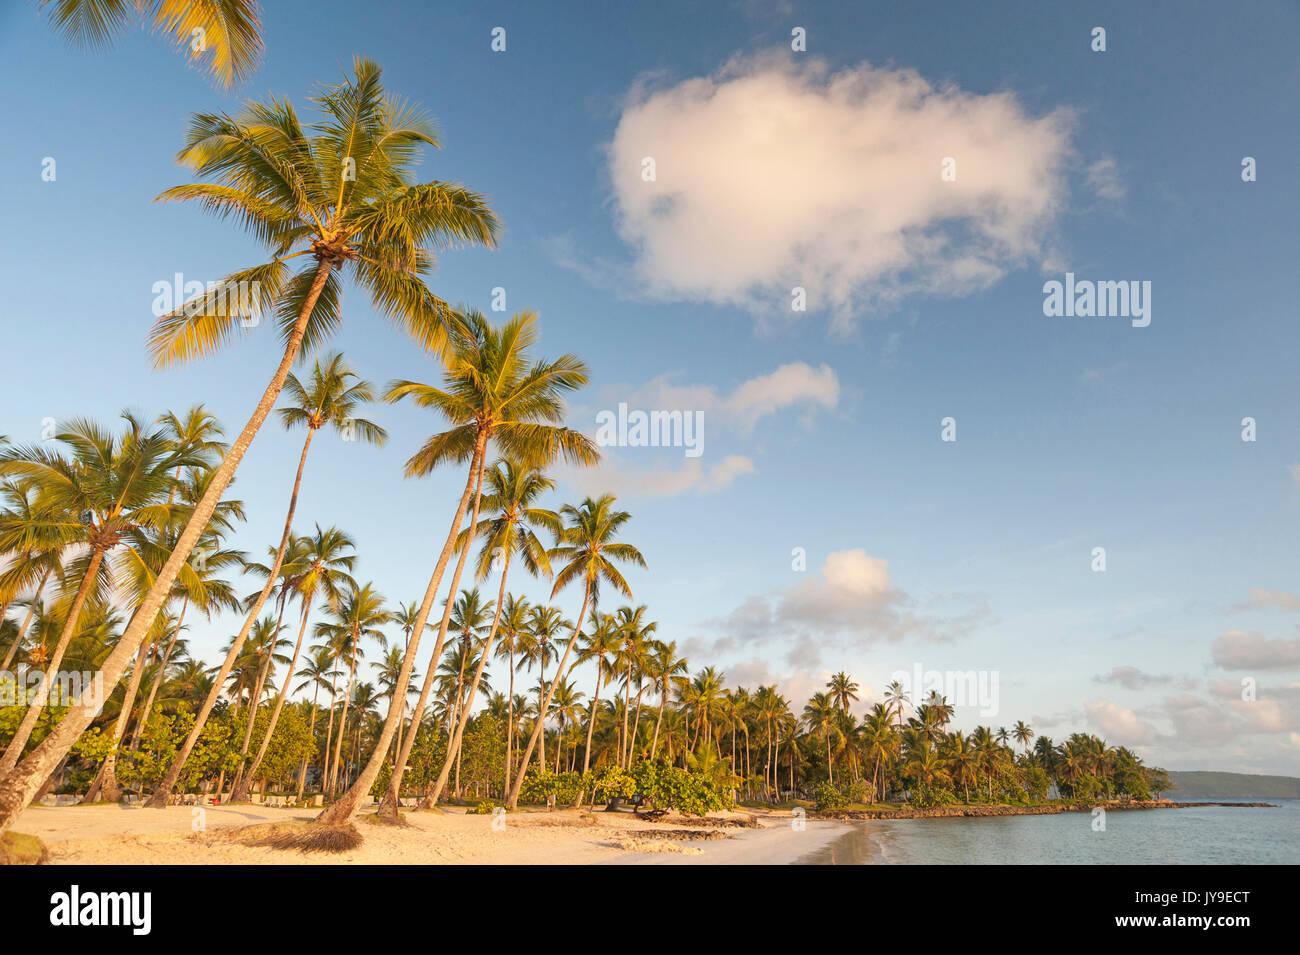 Plage de rêve avec cocotiers en République Dominicaine Photo Stock